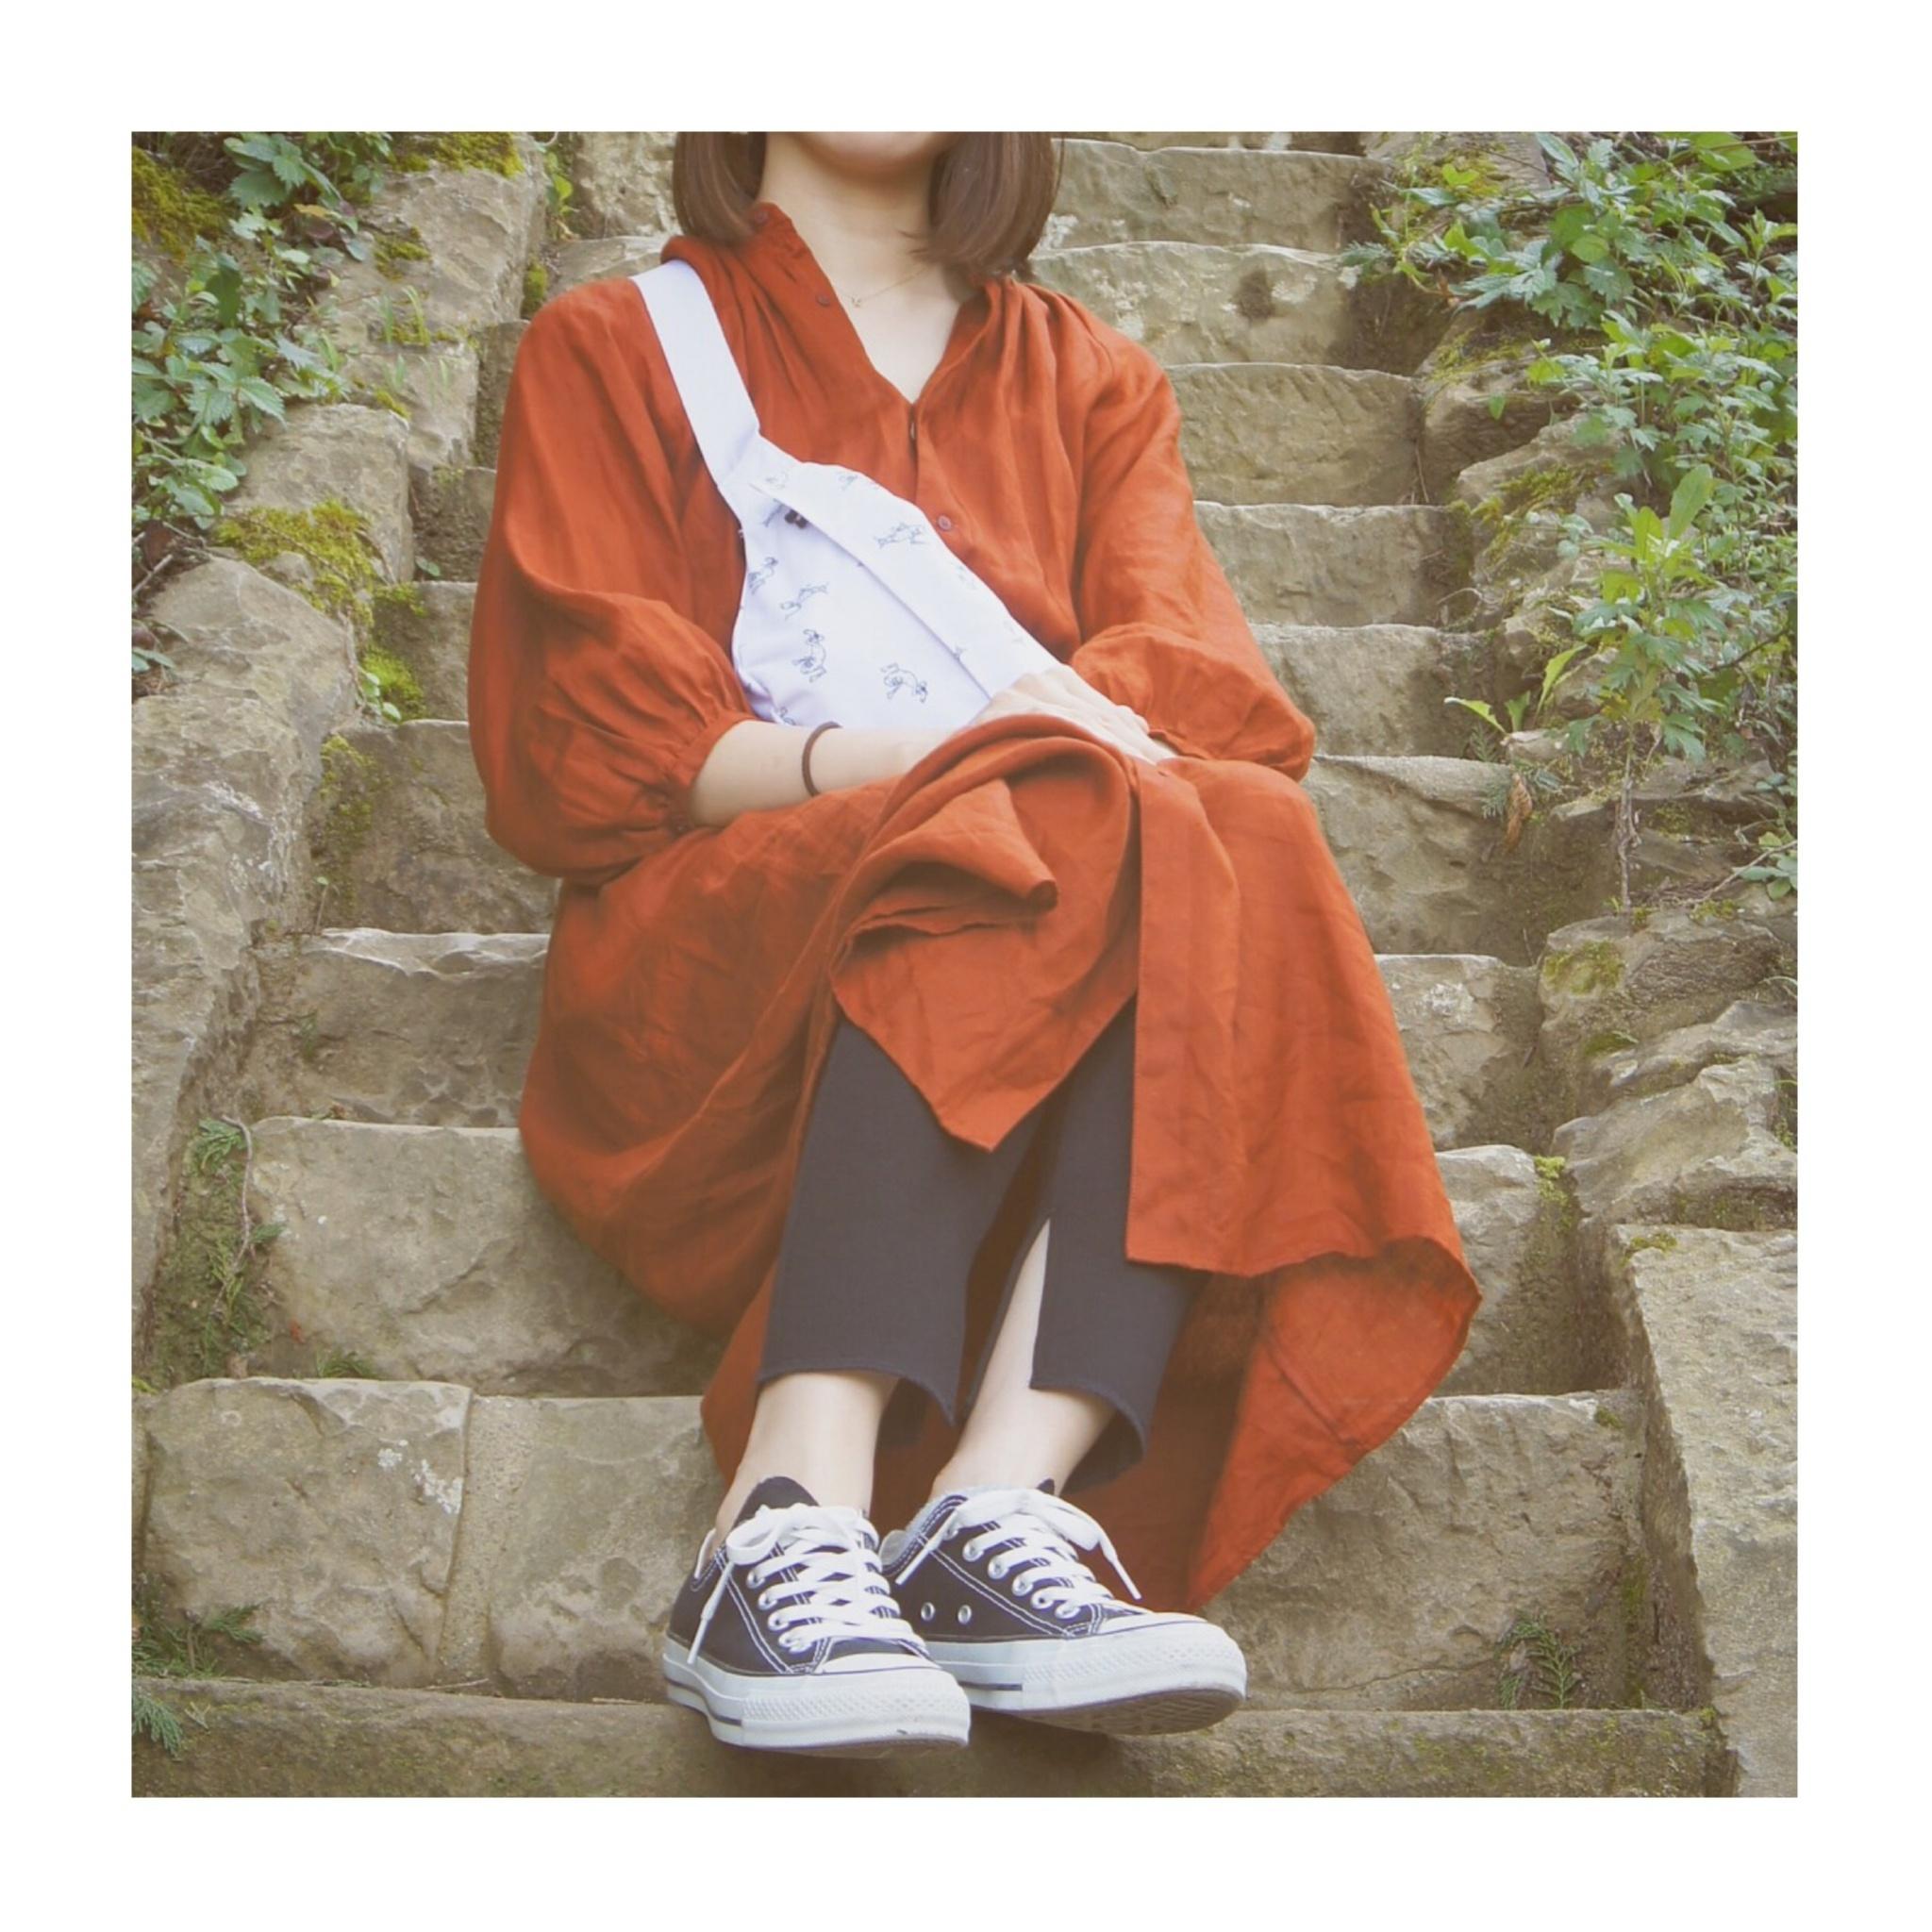 《今秋トレンド》はプチプラで❤️【GU(ジーユー)】のリブスリットレギンスパンツ¥1,490+税が履き心地抜群✌︎❤︎_3